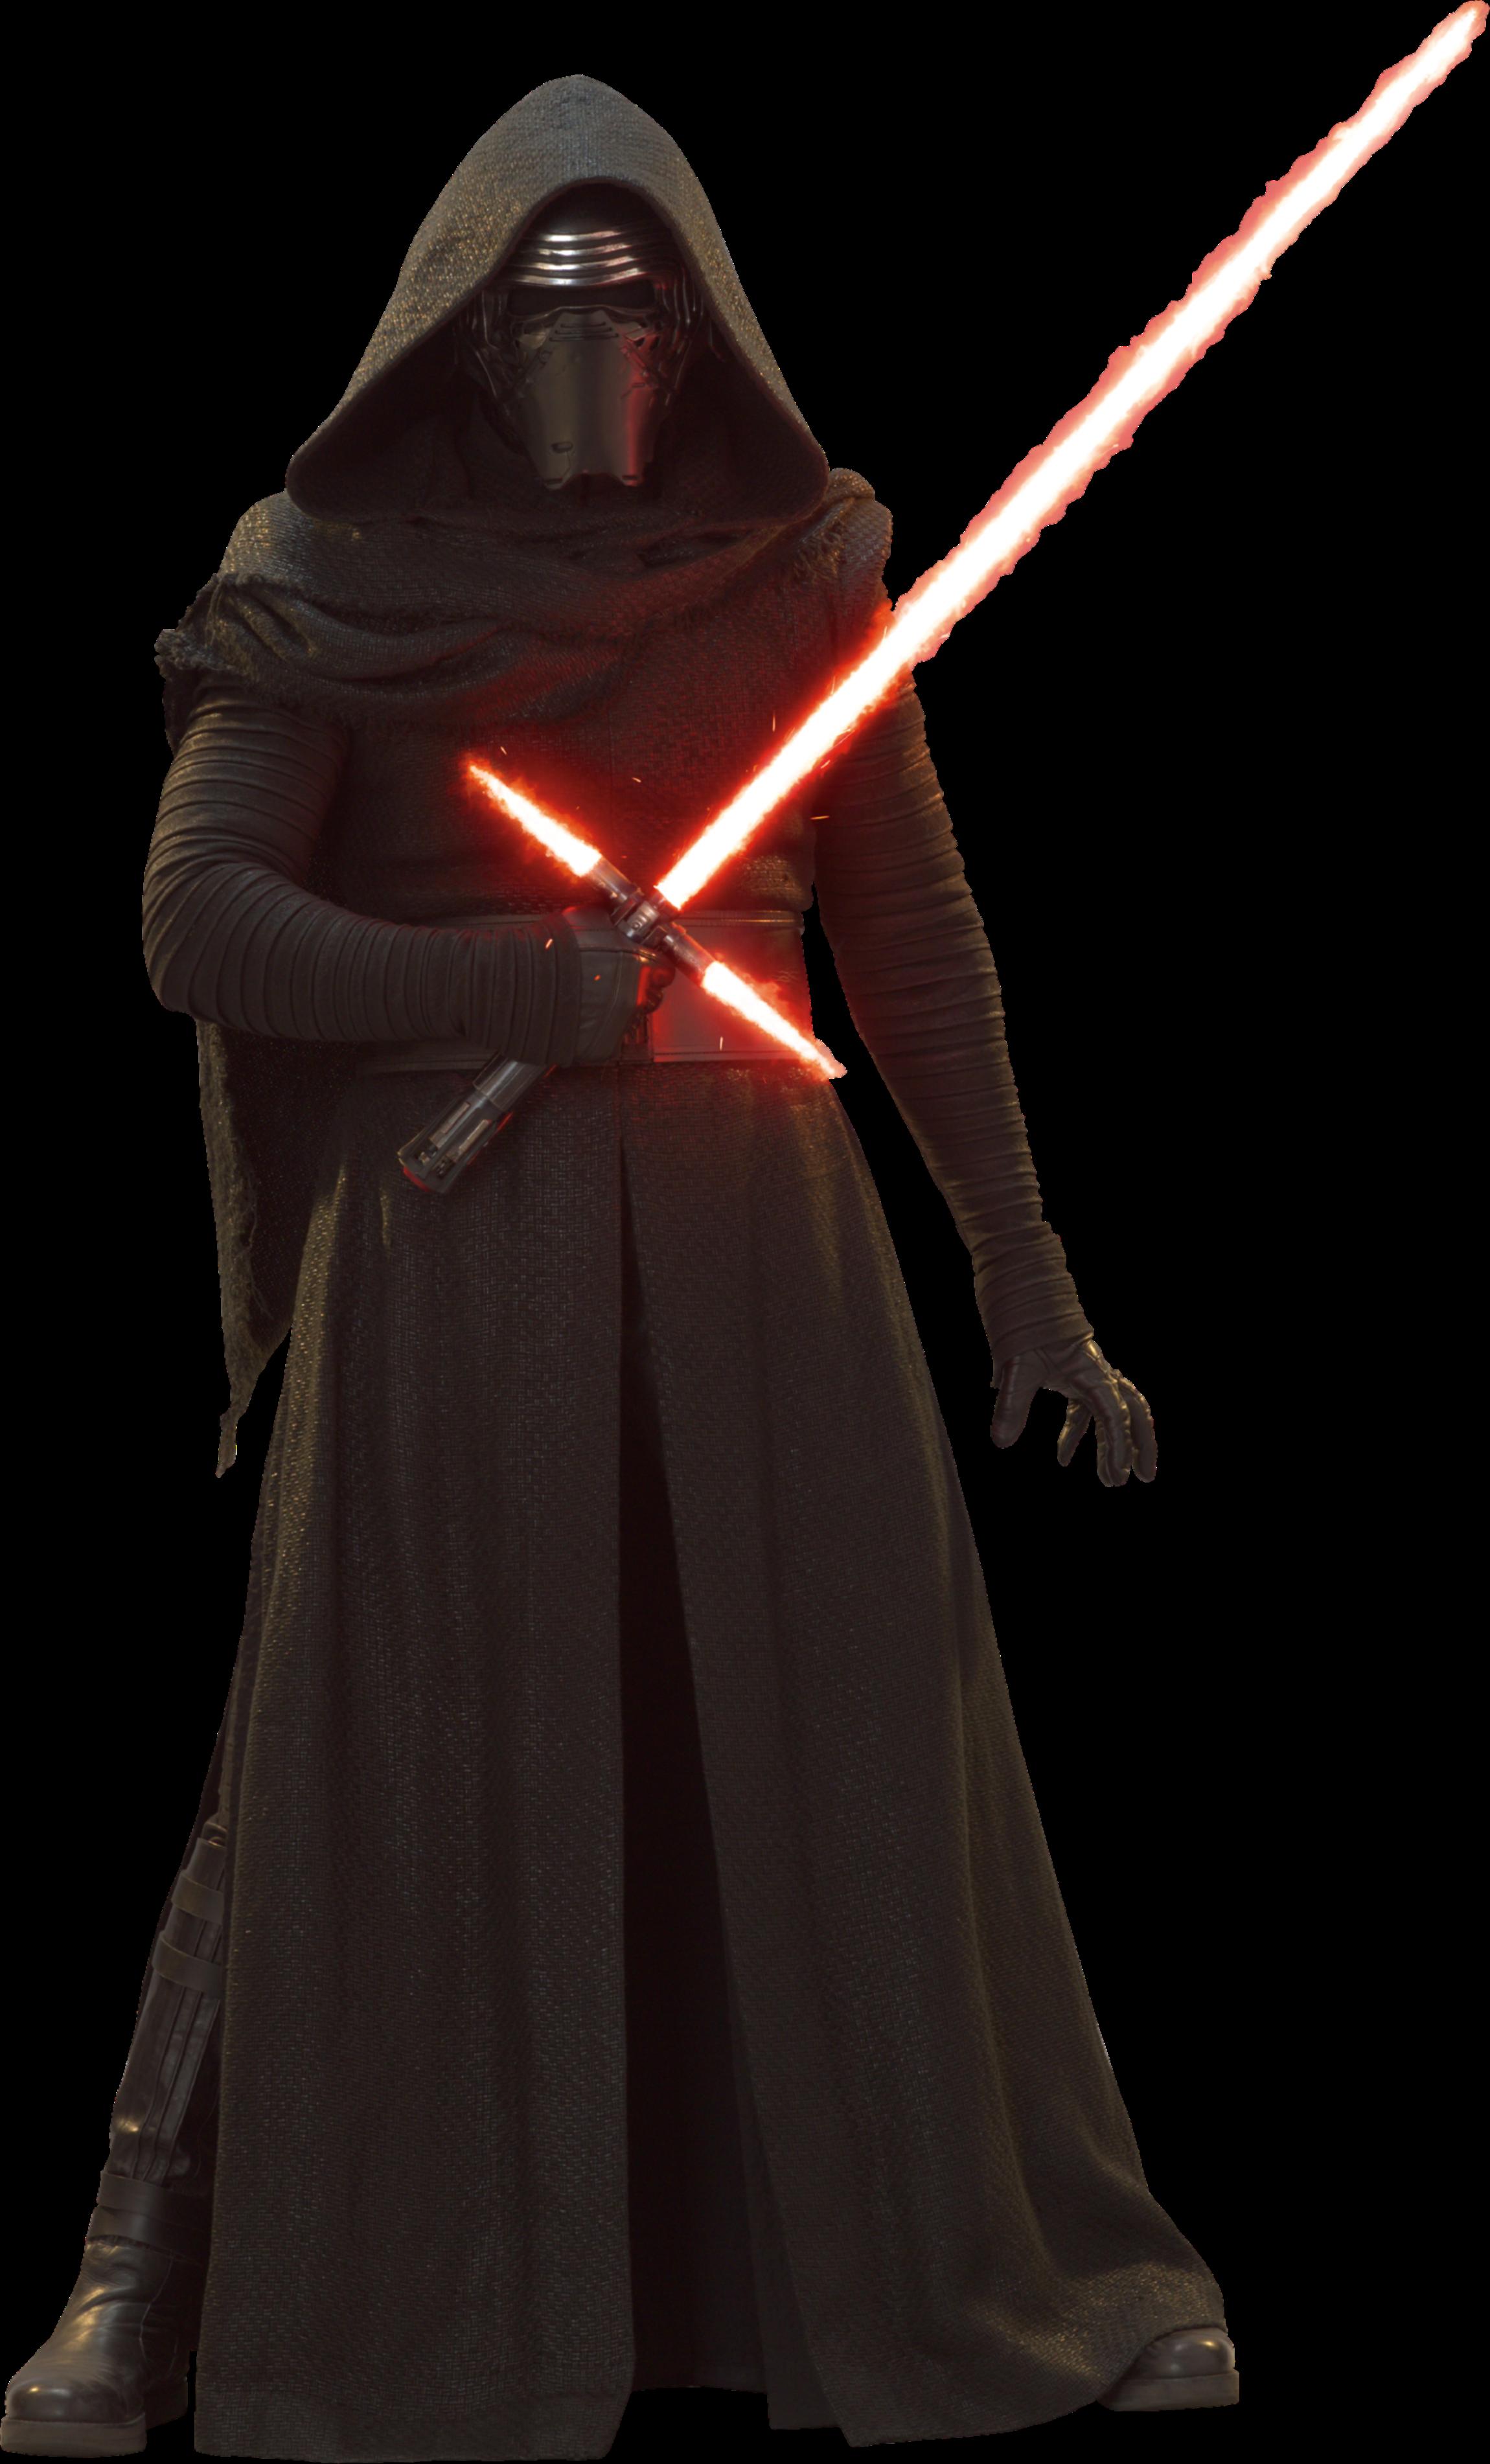 Kylo Ren Star Wars Episode Vii Star Wars Kylo Ren Kylo Ren Costumes